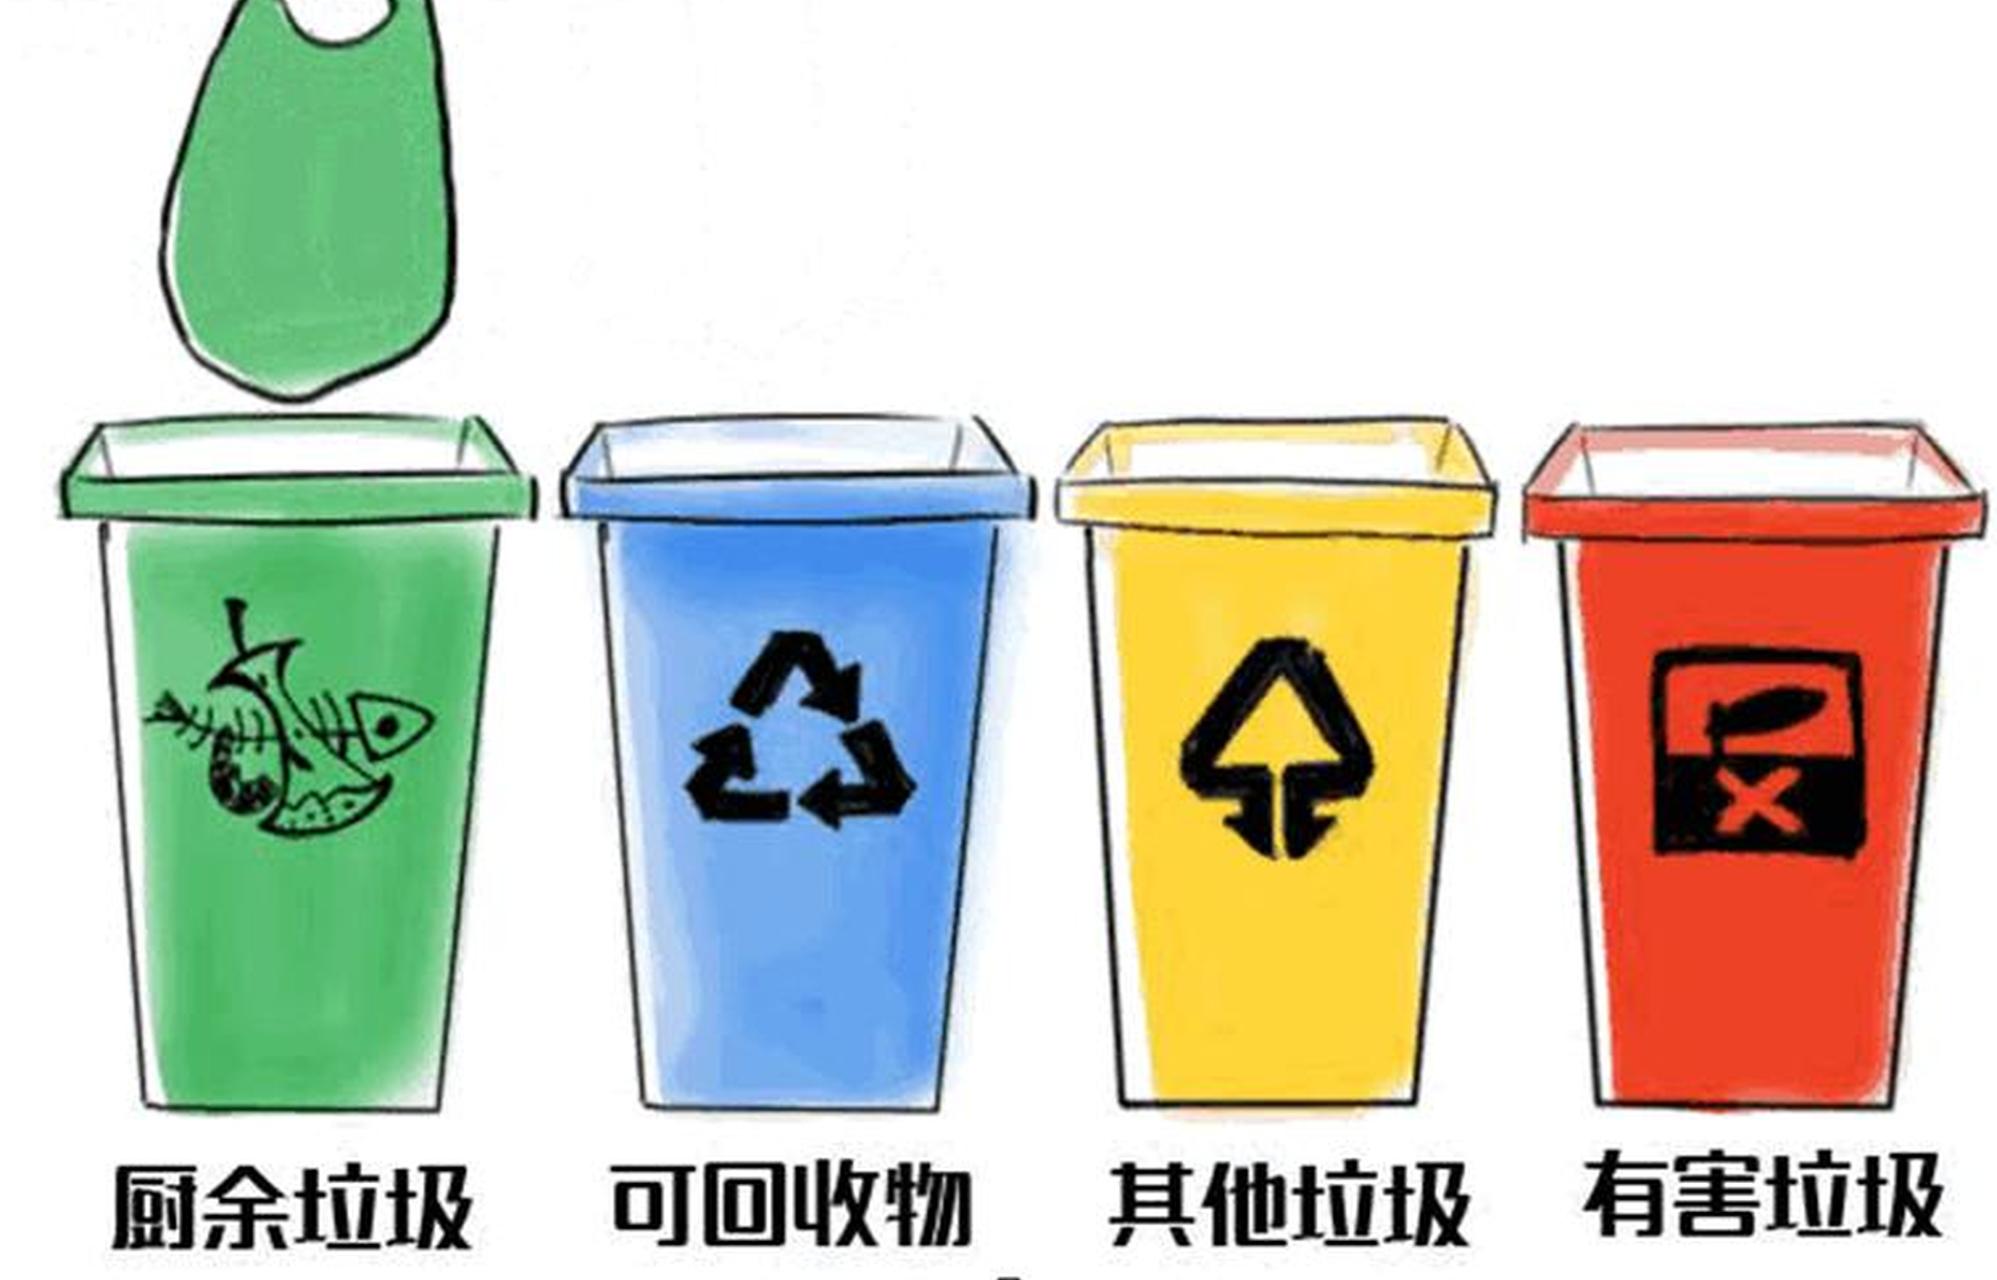 垃圾分类科普行 政协委员进社区